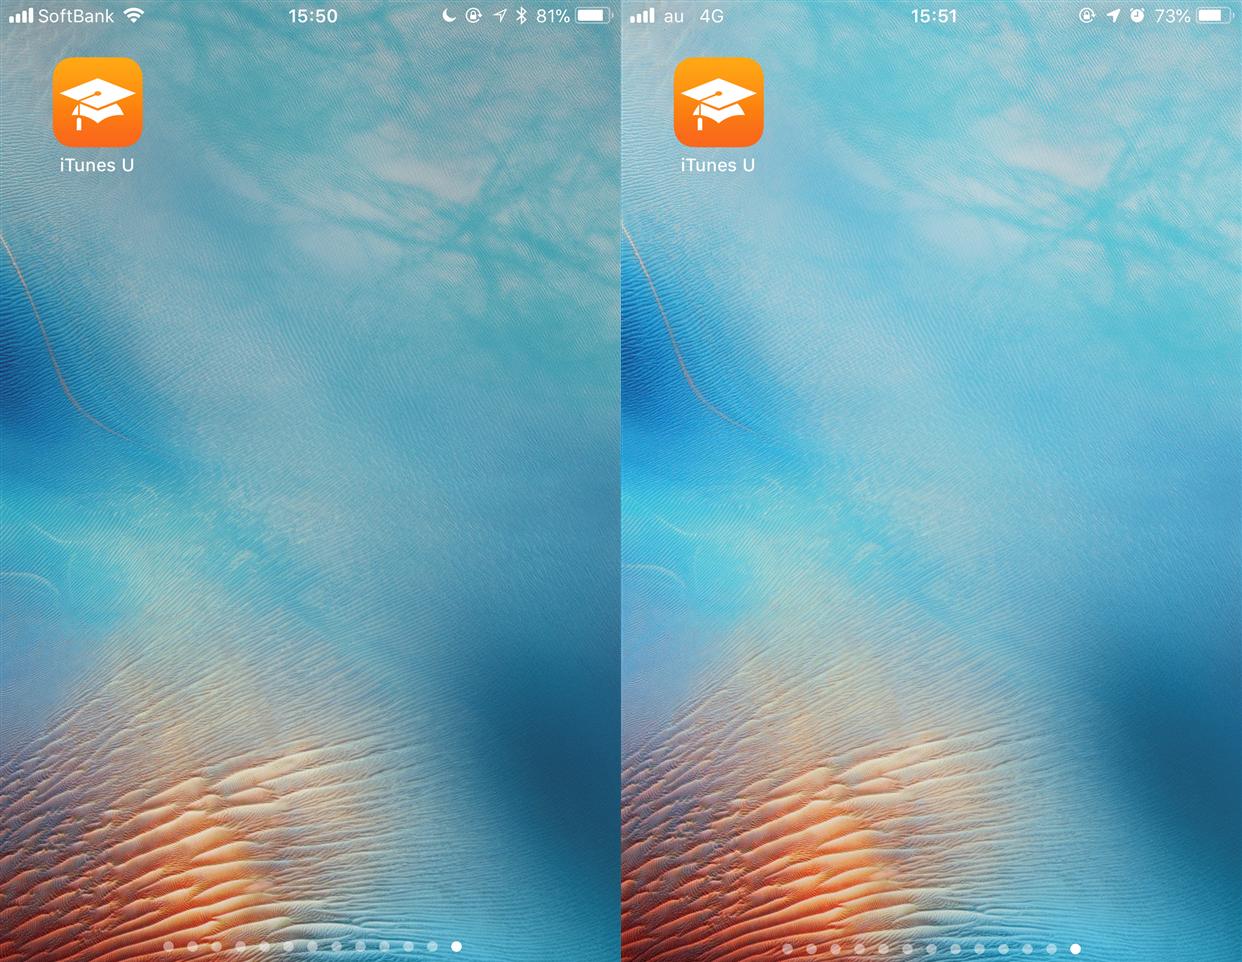 Ios12にアップデートしたら ホーム画面が明るくなった 壁紙の色